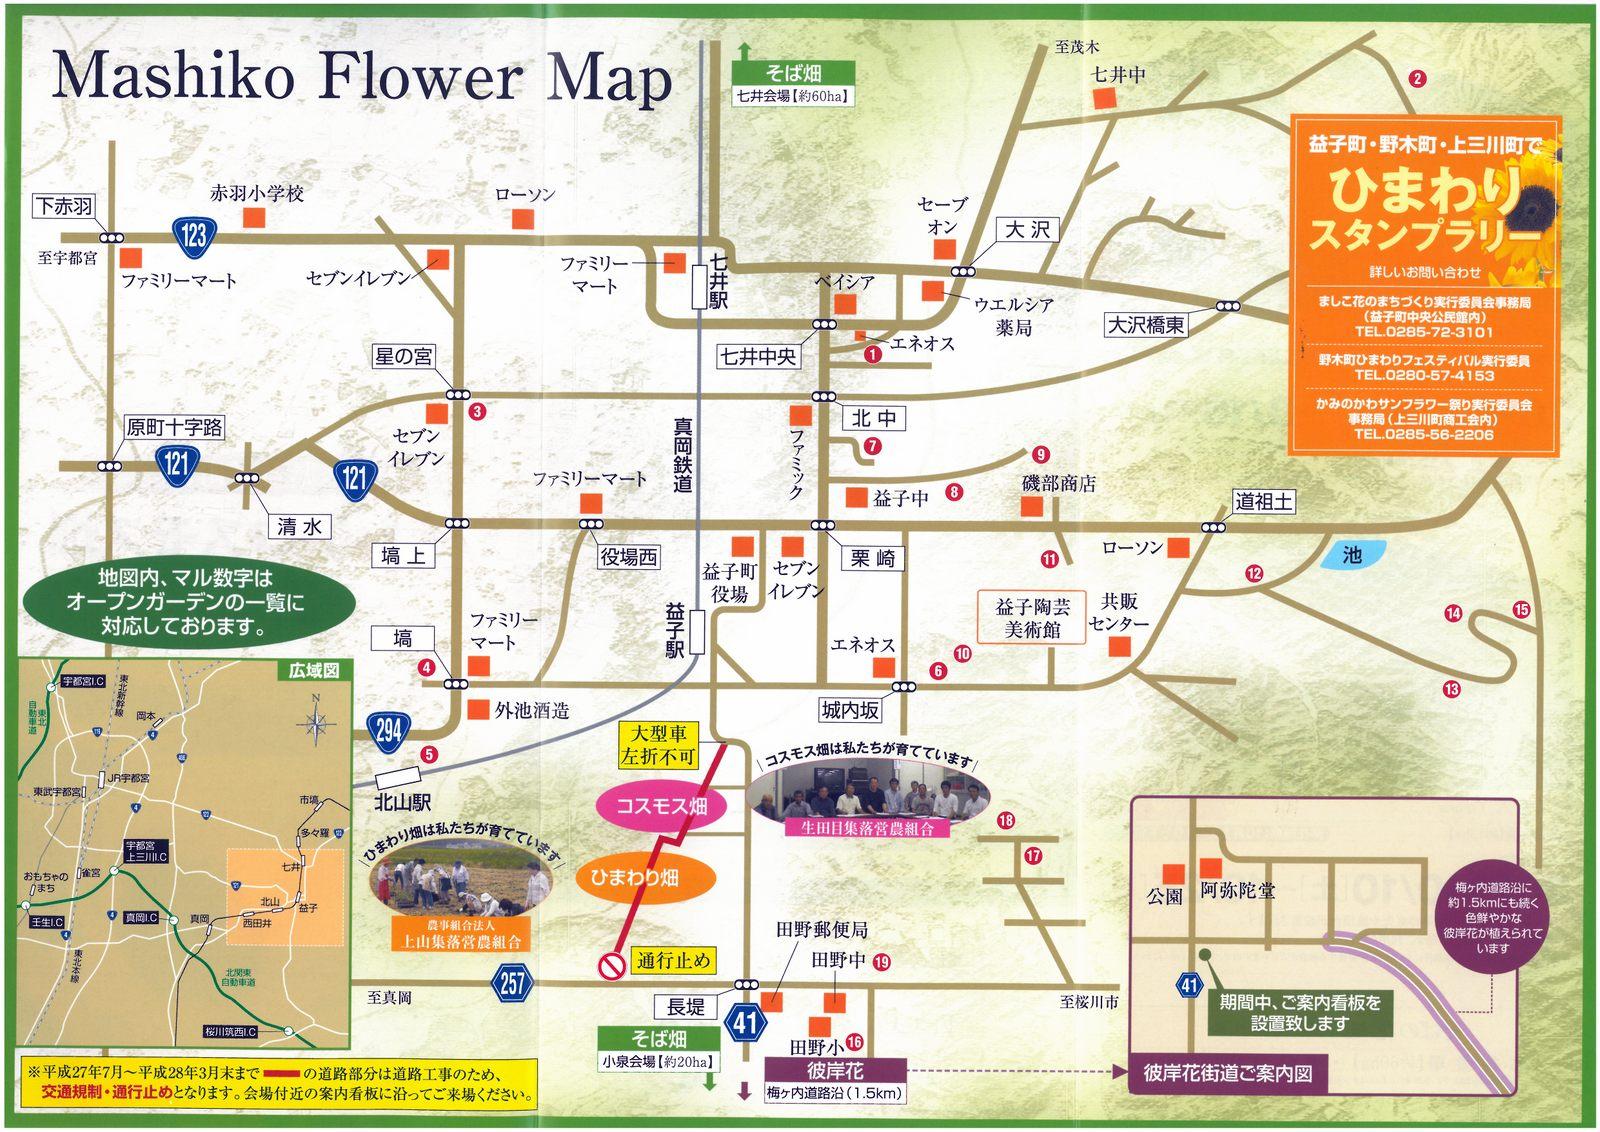 益子ひまわり祭り 会場地図